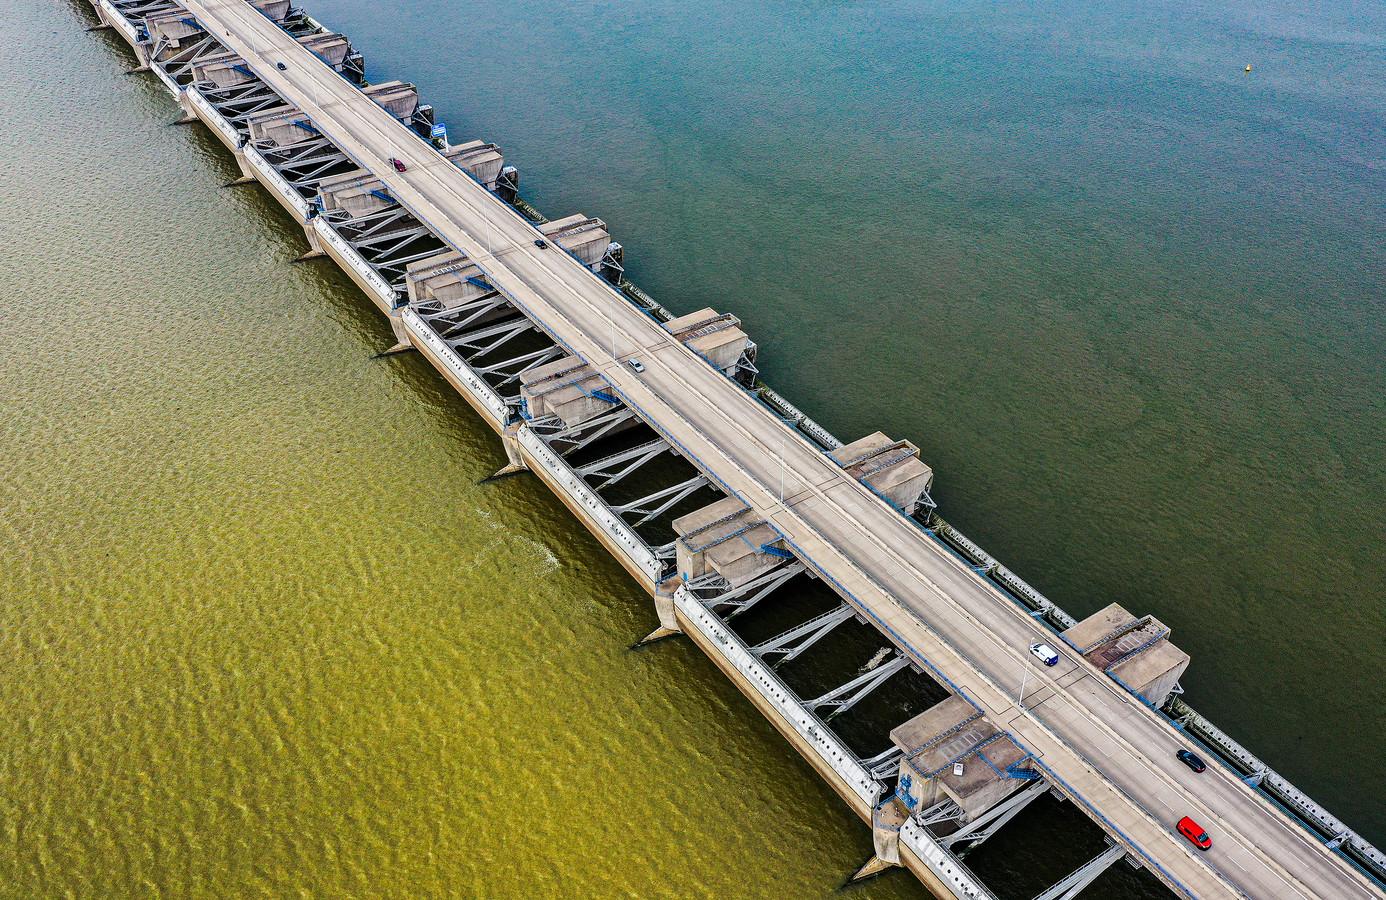 Het water van het Haringvliet kleurt geel door het water dat afkomstig is van de overstromingen in Limburg en Duitsland.